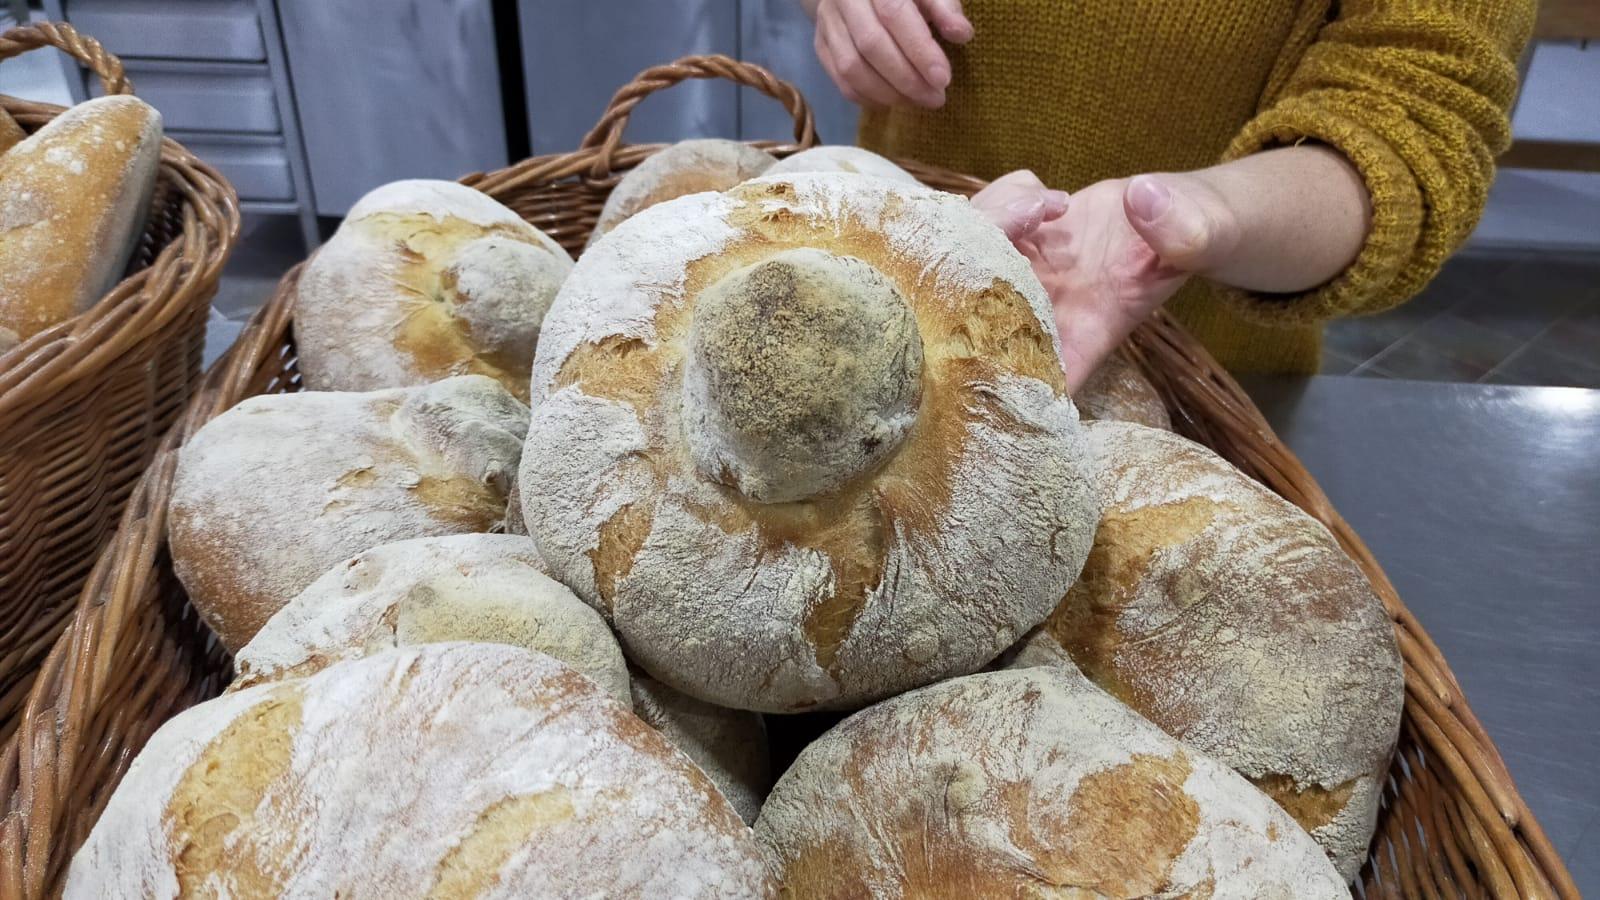 curso-panaderia-y-pasteleria-vigo-aproinppa